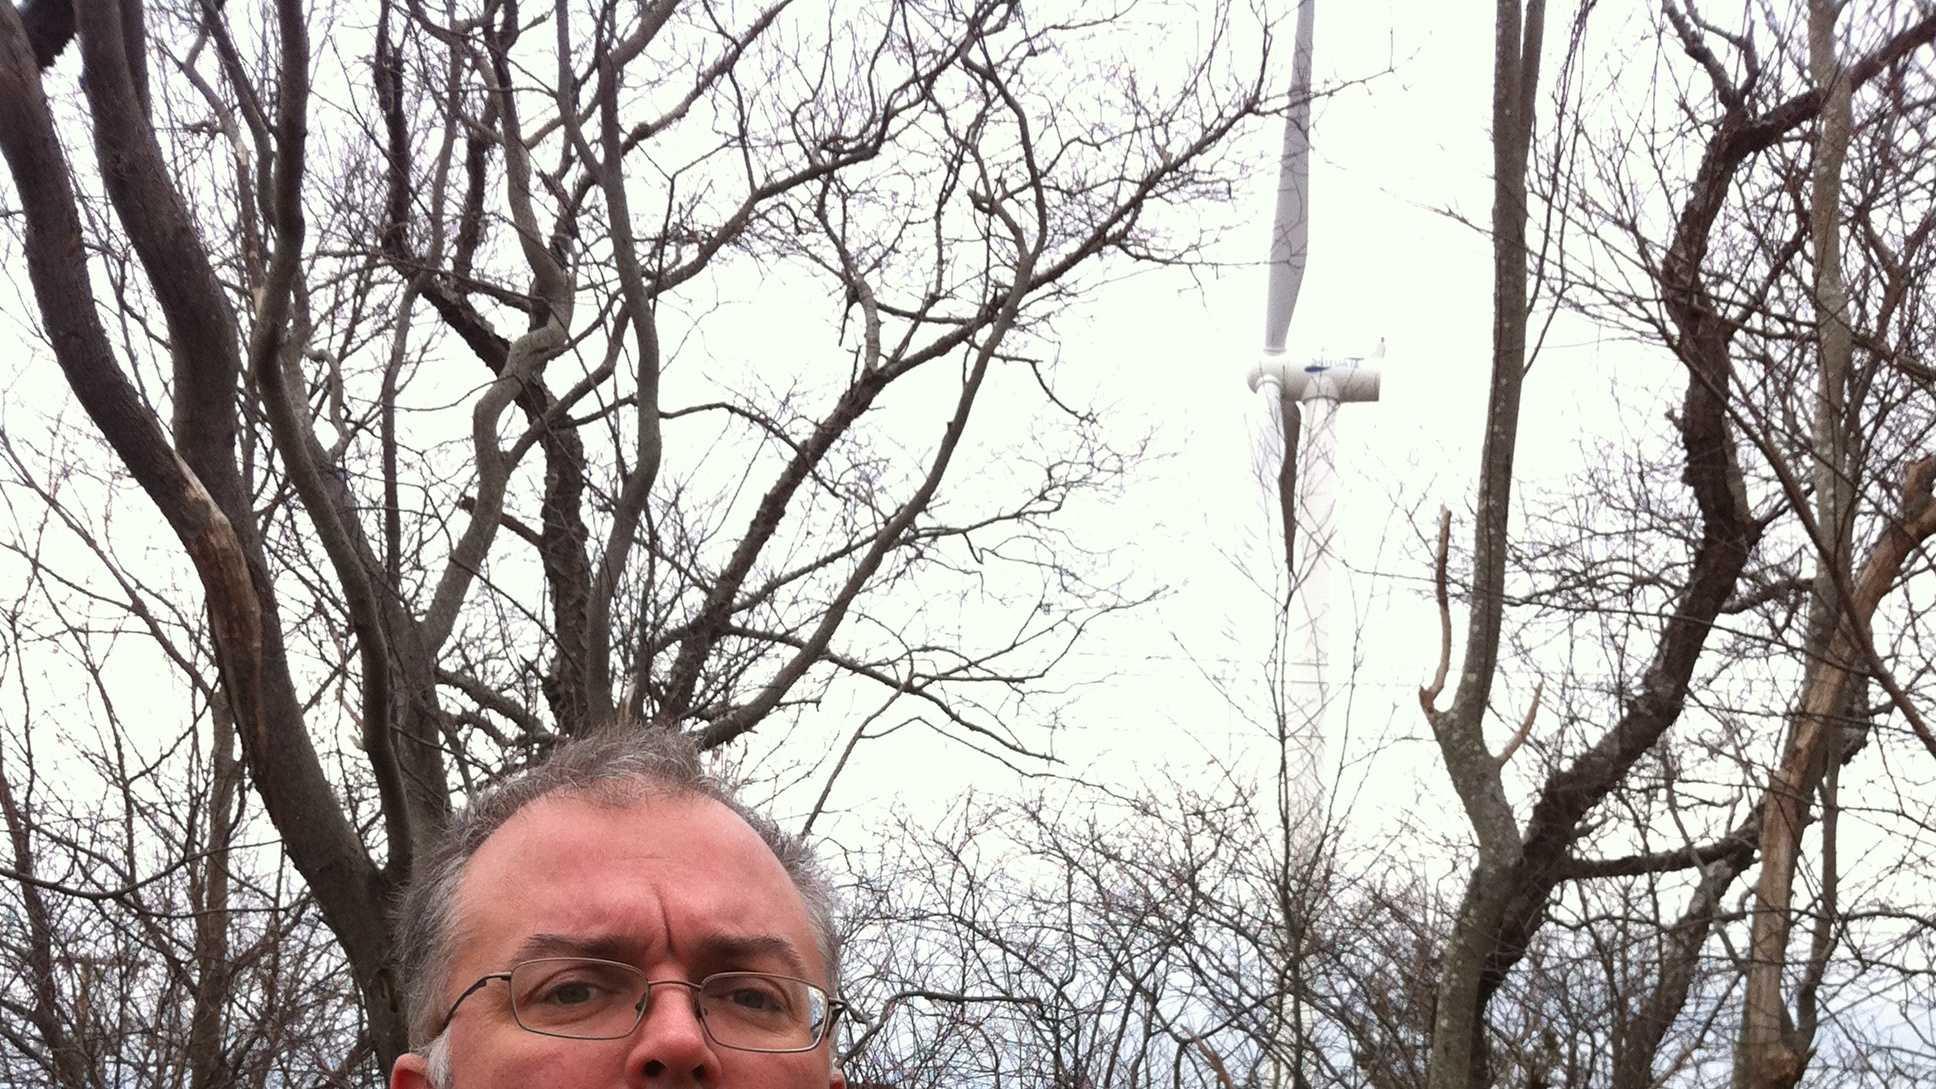 McKeever, wind turbine